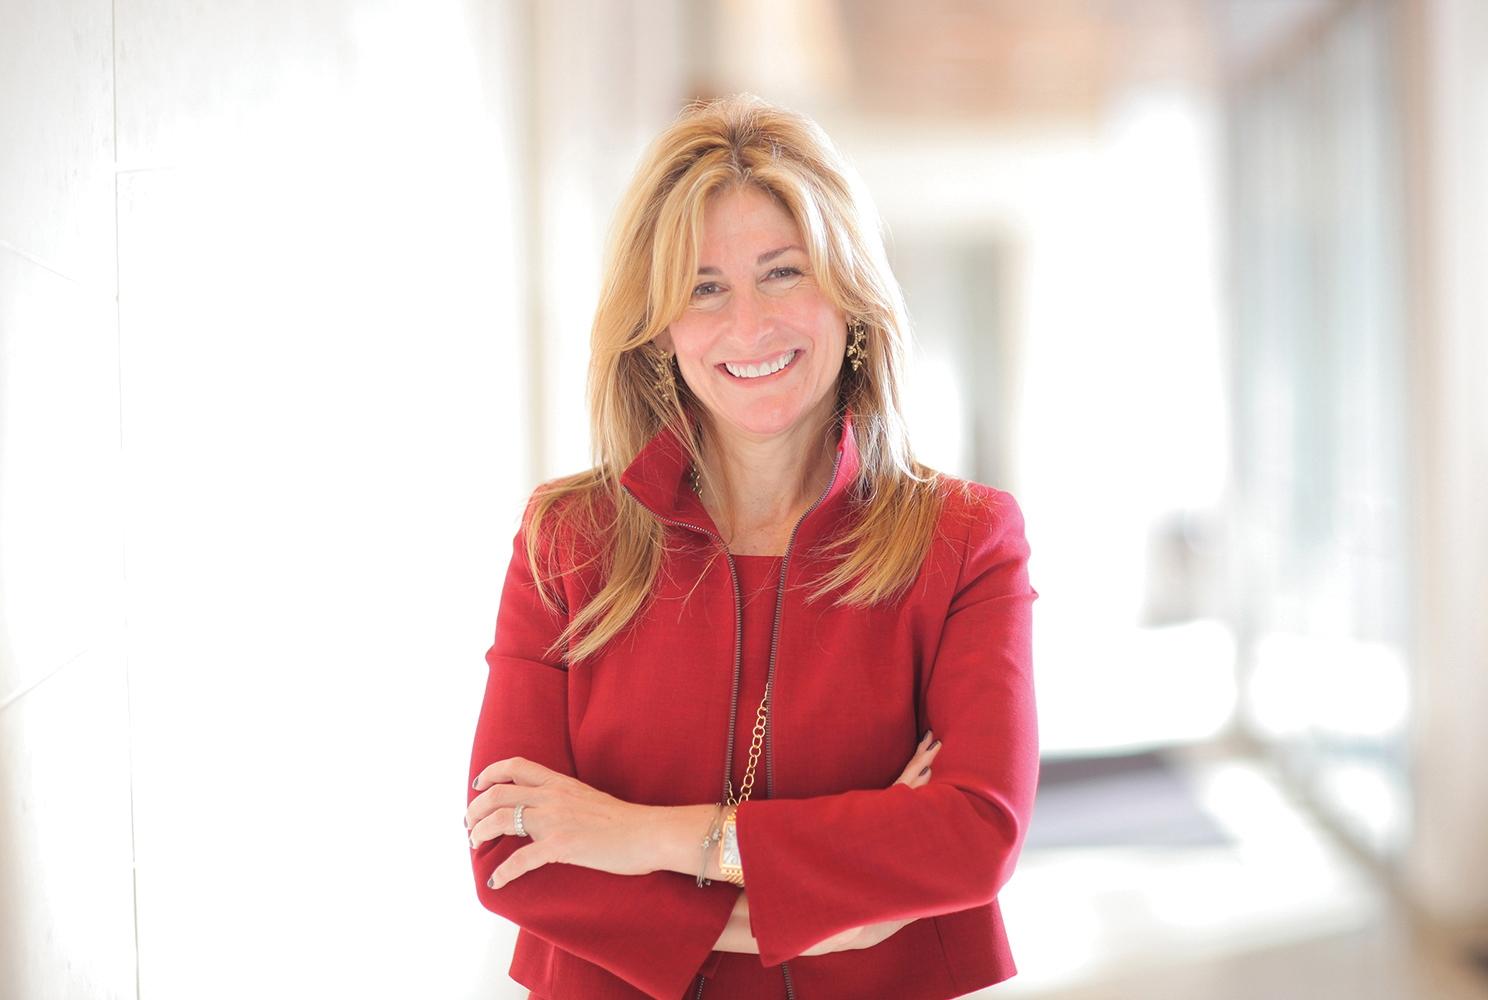 Jessica M. Bibliowicz